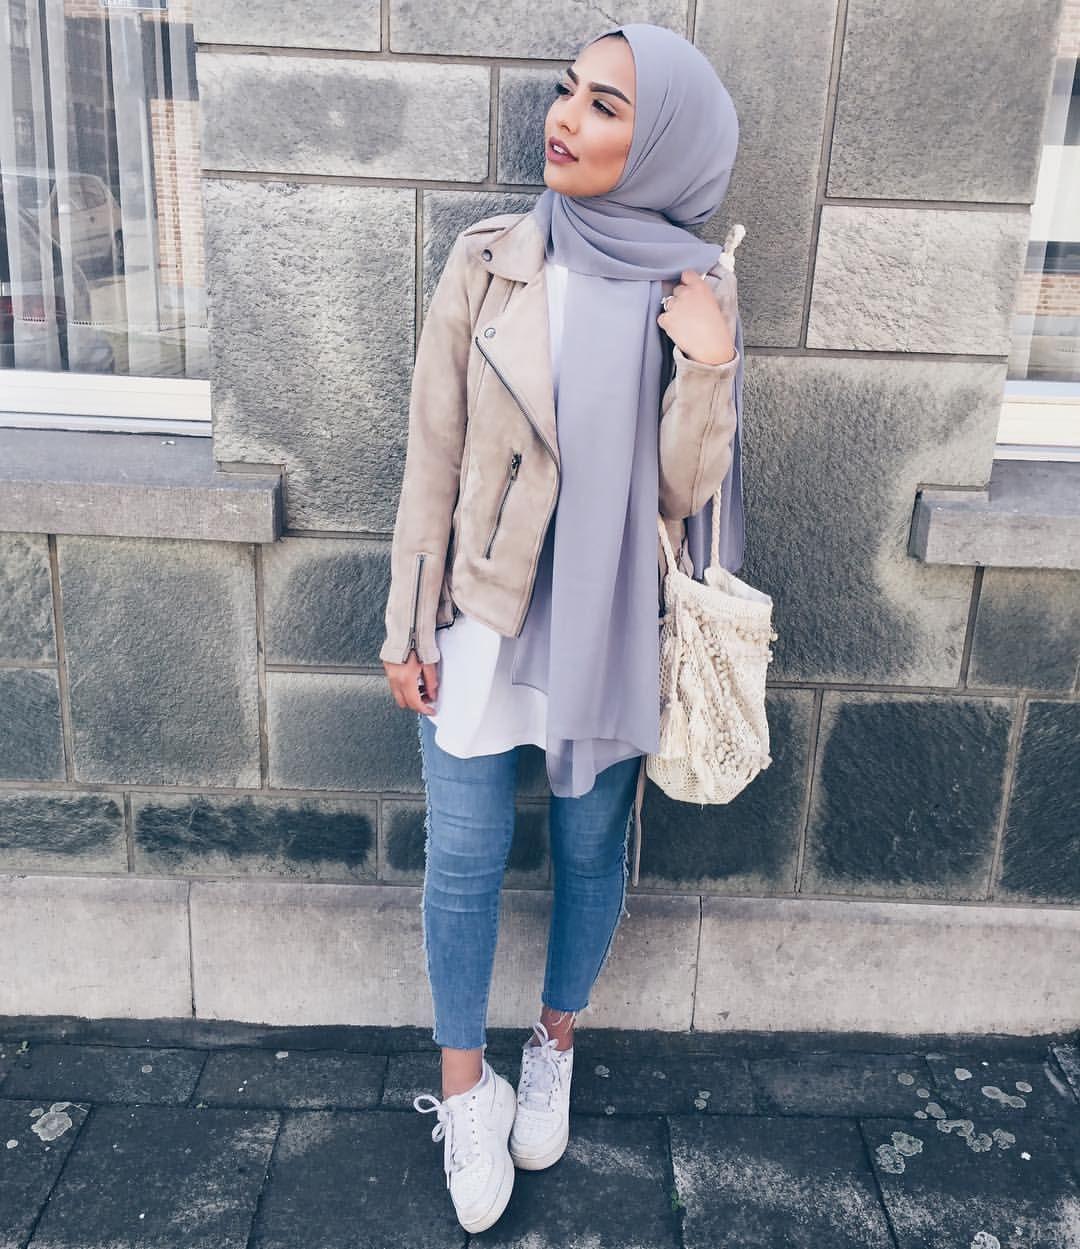 pin on hijab♕